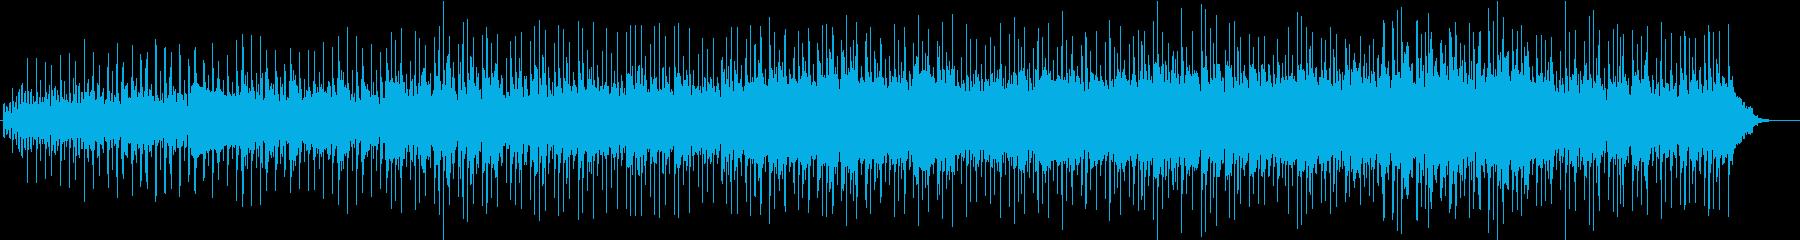 グルーヴィーで控えめな、着実にスト...の再生済みの波形